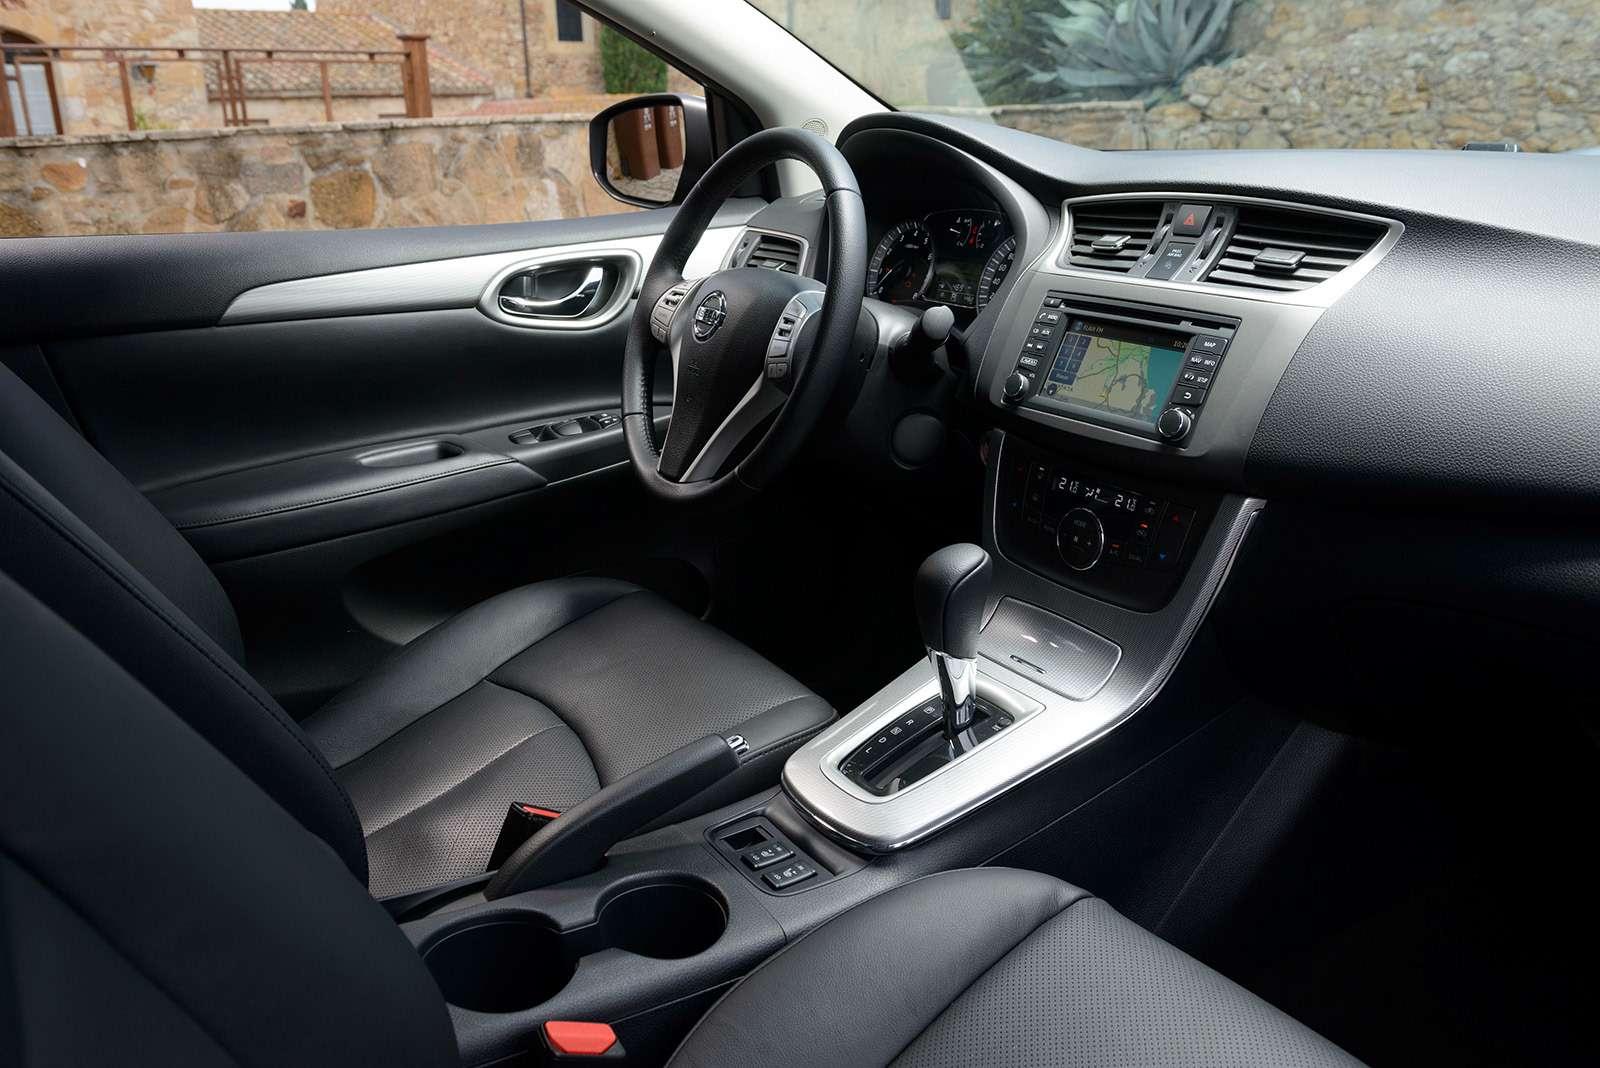 Двемодели Nissan ушли сроссийского рынка. Какие ипочему?— фото 817277